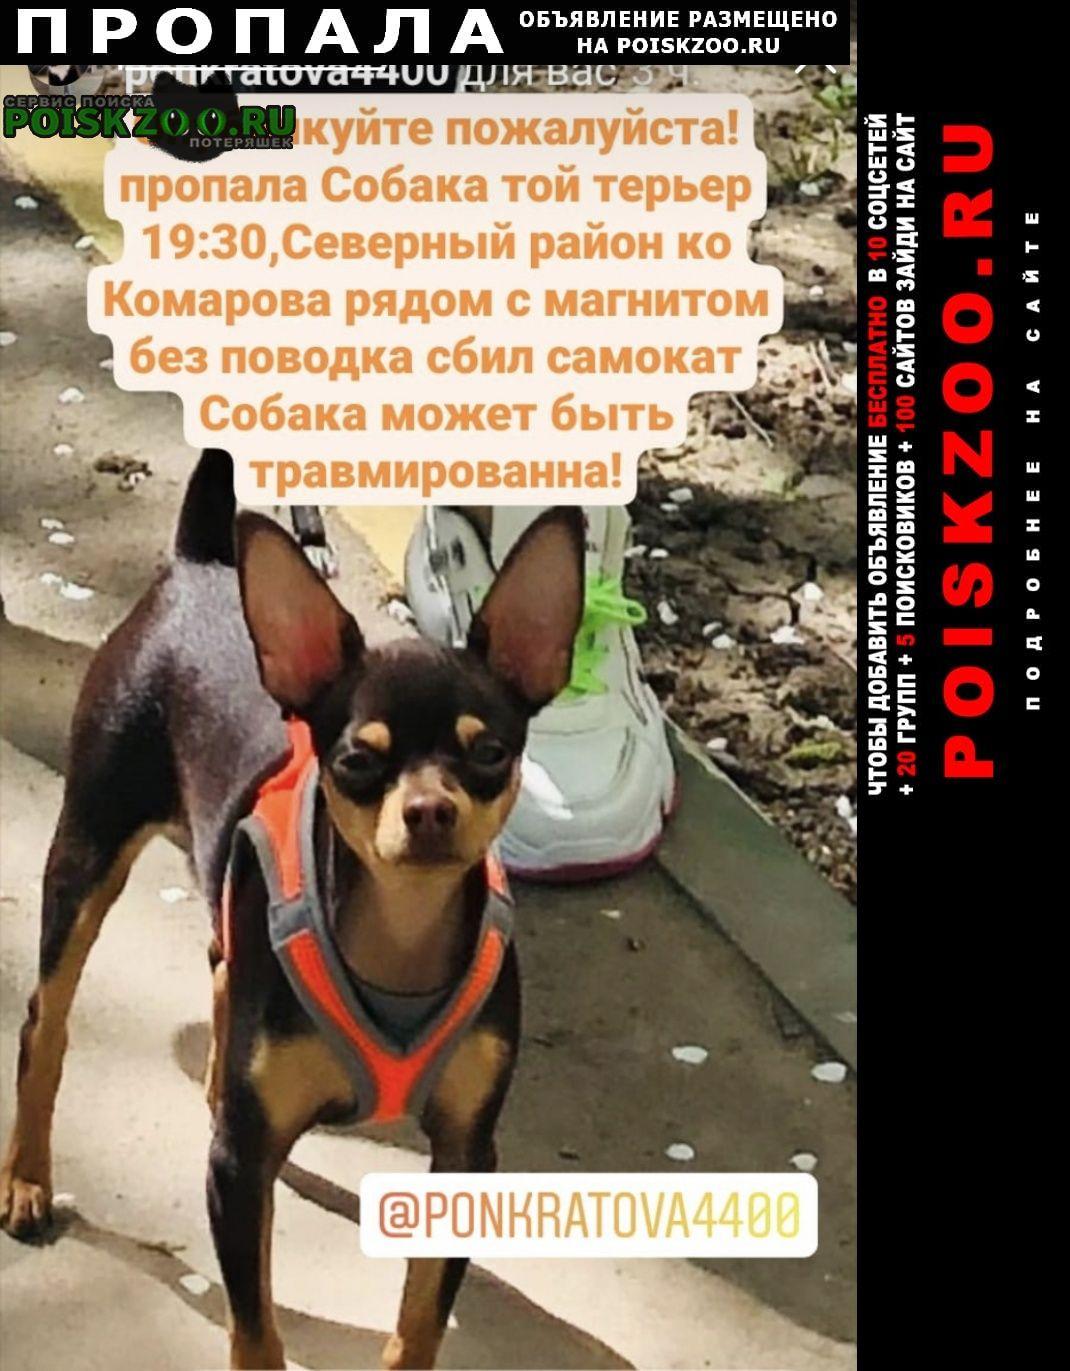 Пропала собака кобель на ул комарова 9(магнит) Ростов-на-Дону